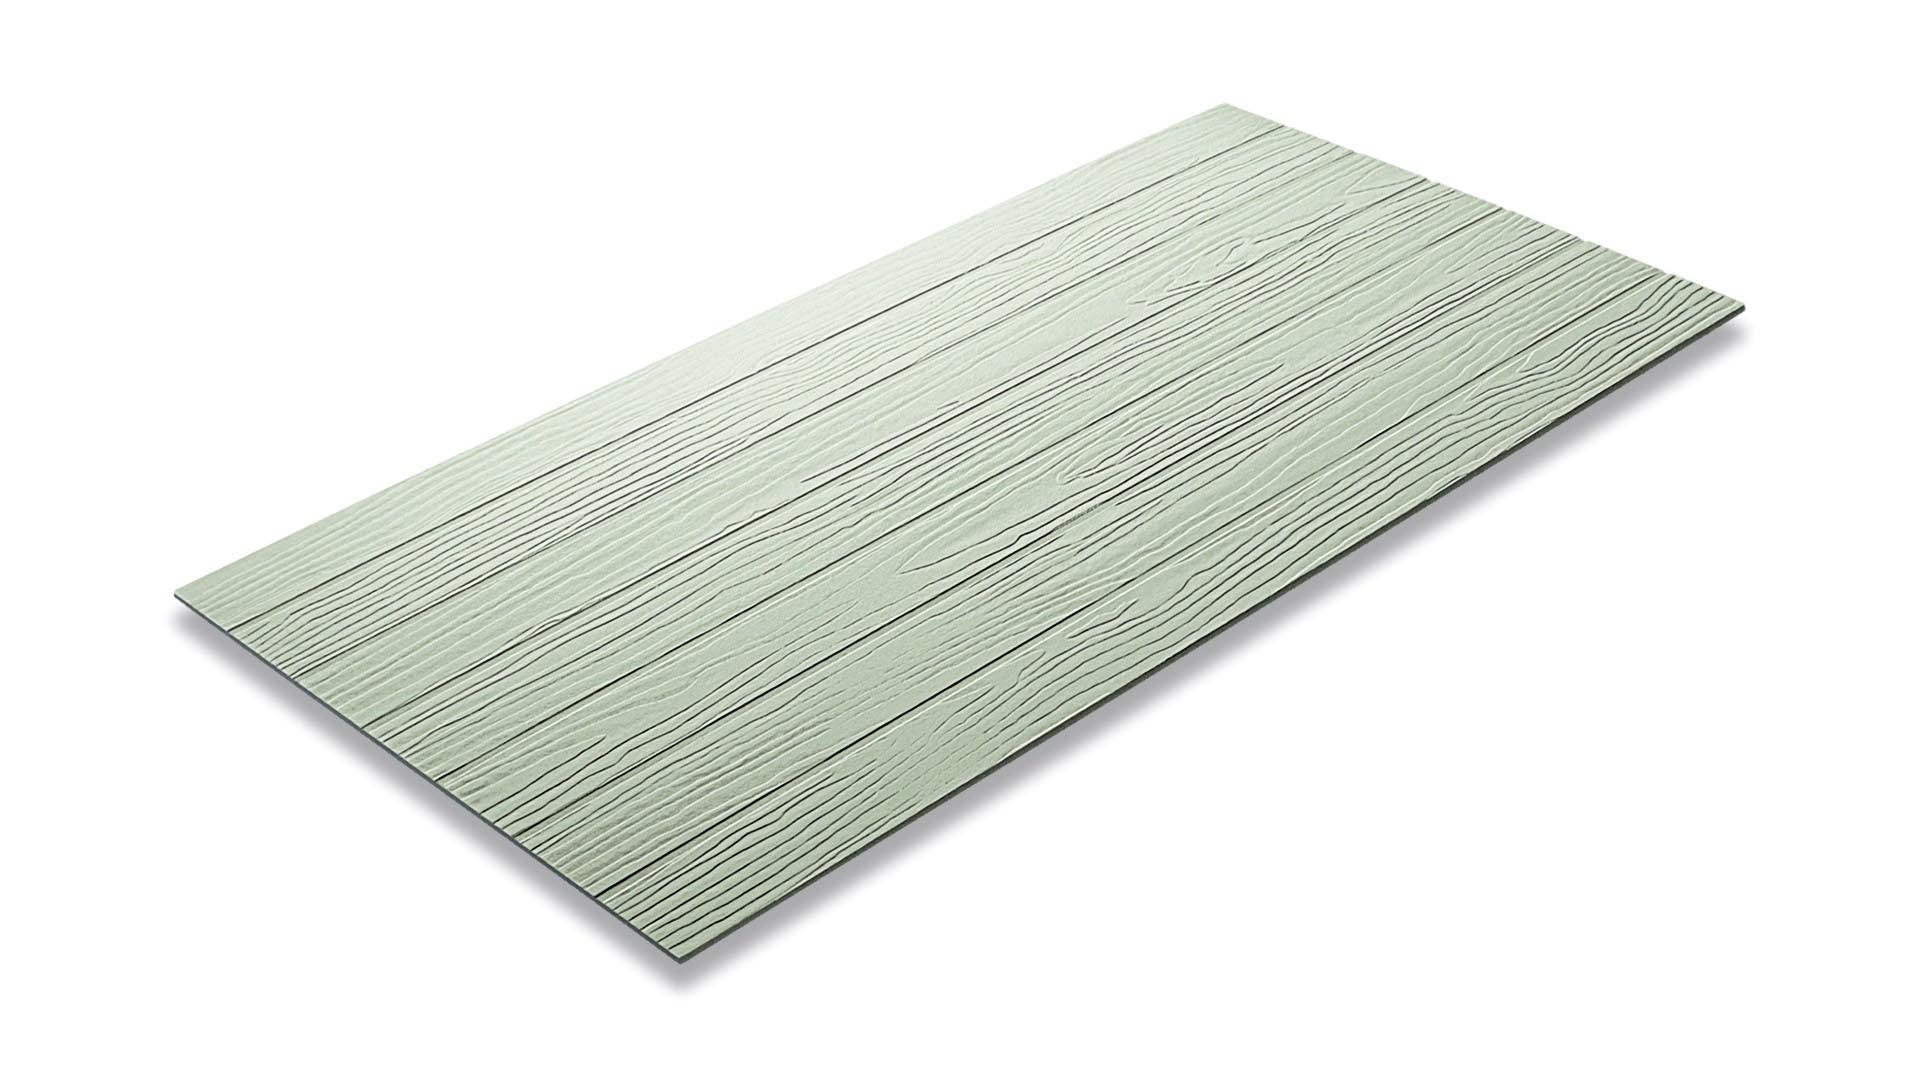 ฝ้า สมาร์ทบอร์ด เอสซีจี รุ่นลายไม้ ขนาด 60x120x0.4 ซม. สีซีเมนต์